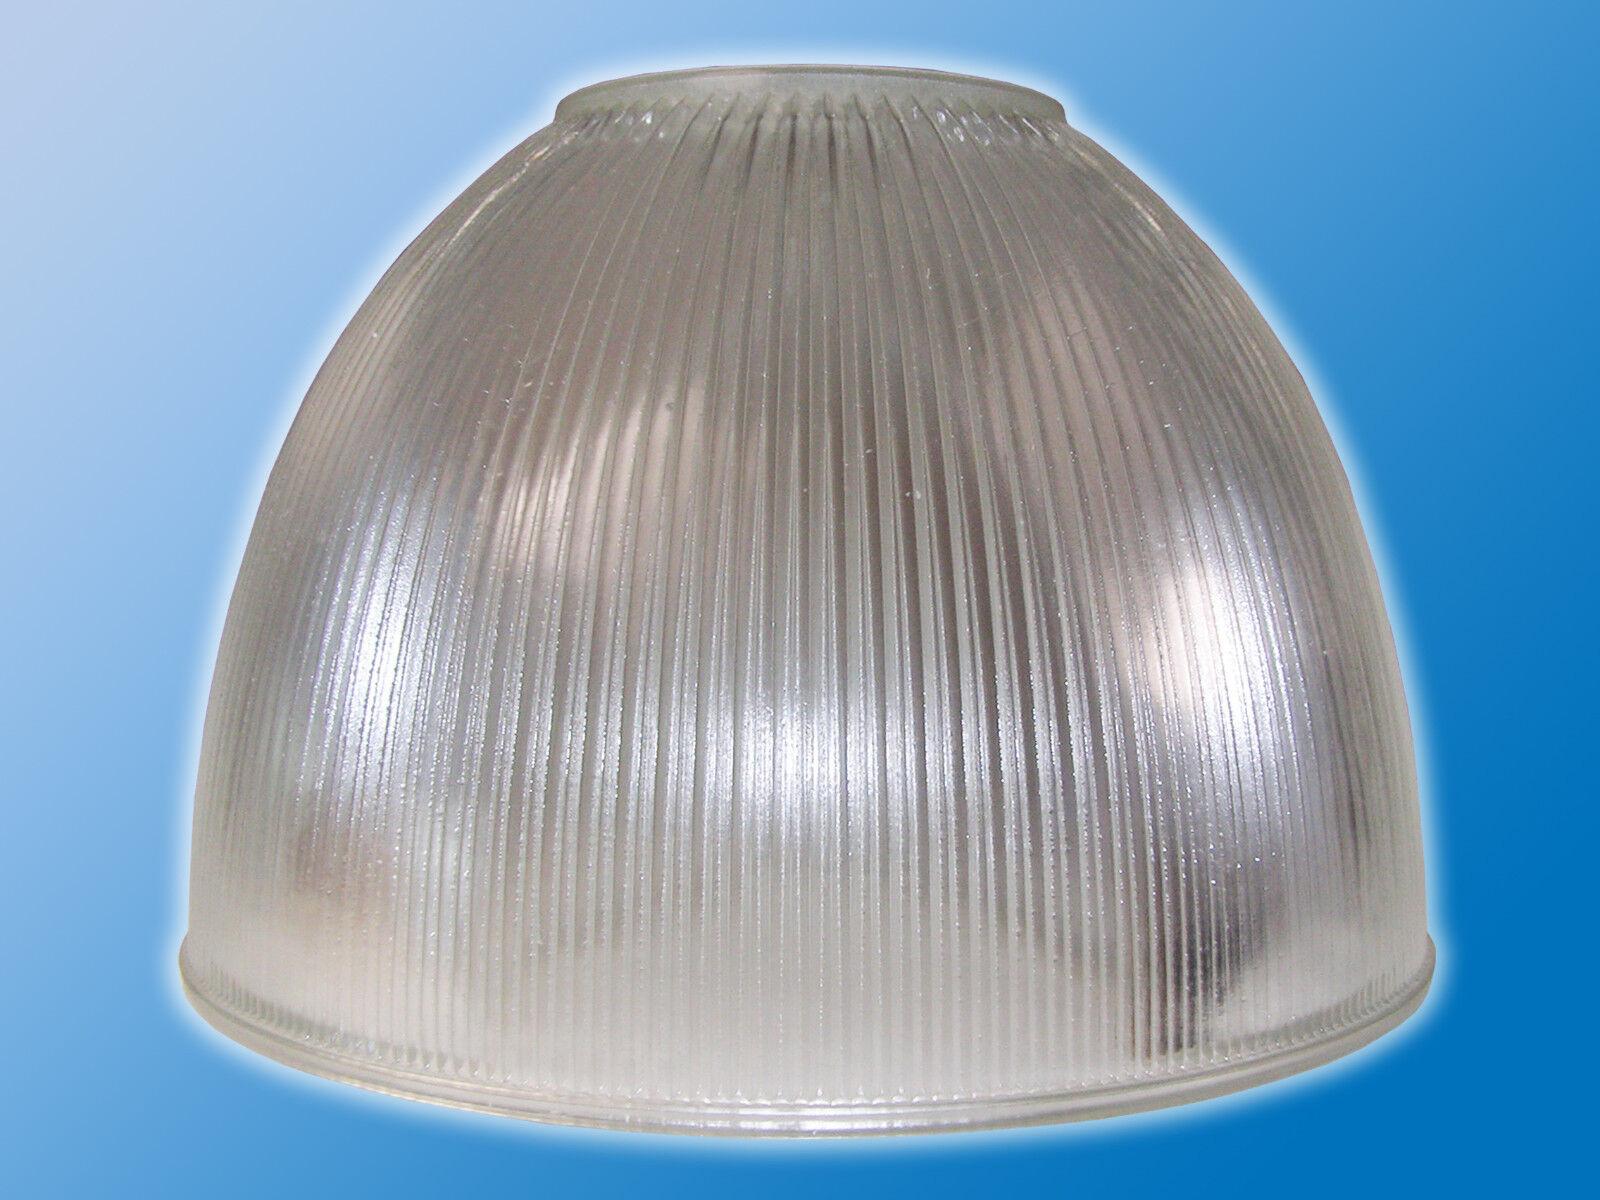 Lampen Ersatzglas   Thorn Glacier II   Ø340mm   Loftpendel   Prismatisch   V.21  | Ausgezeichnete Leistung